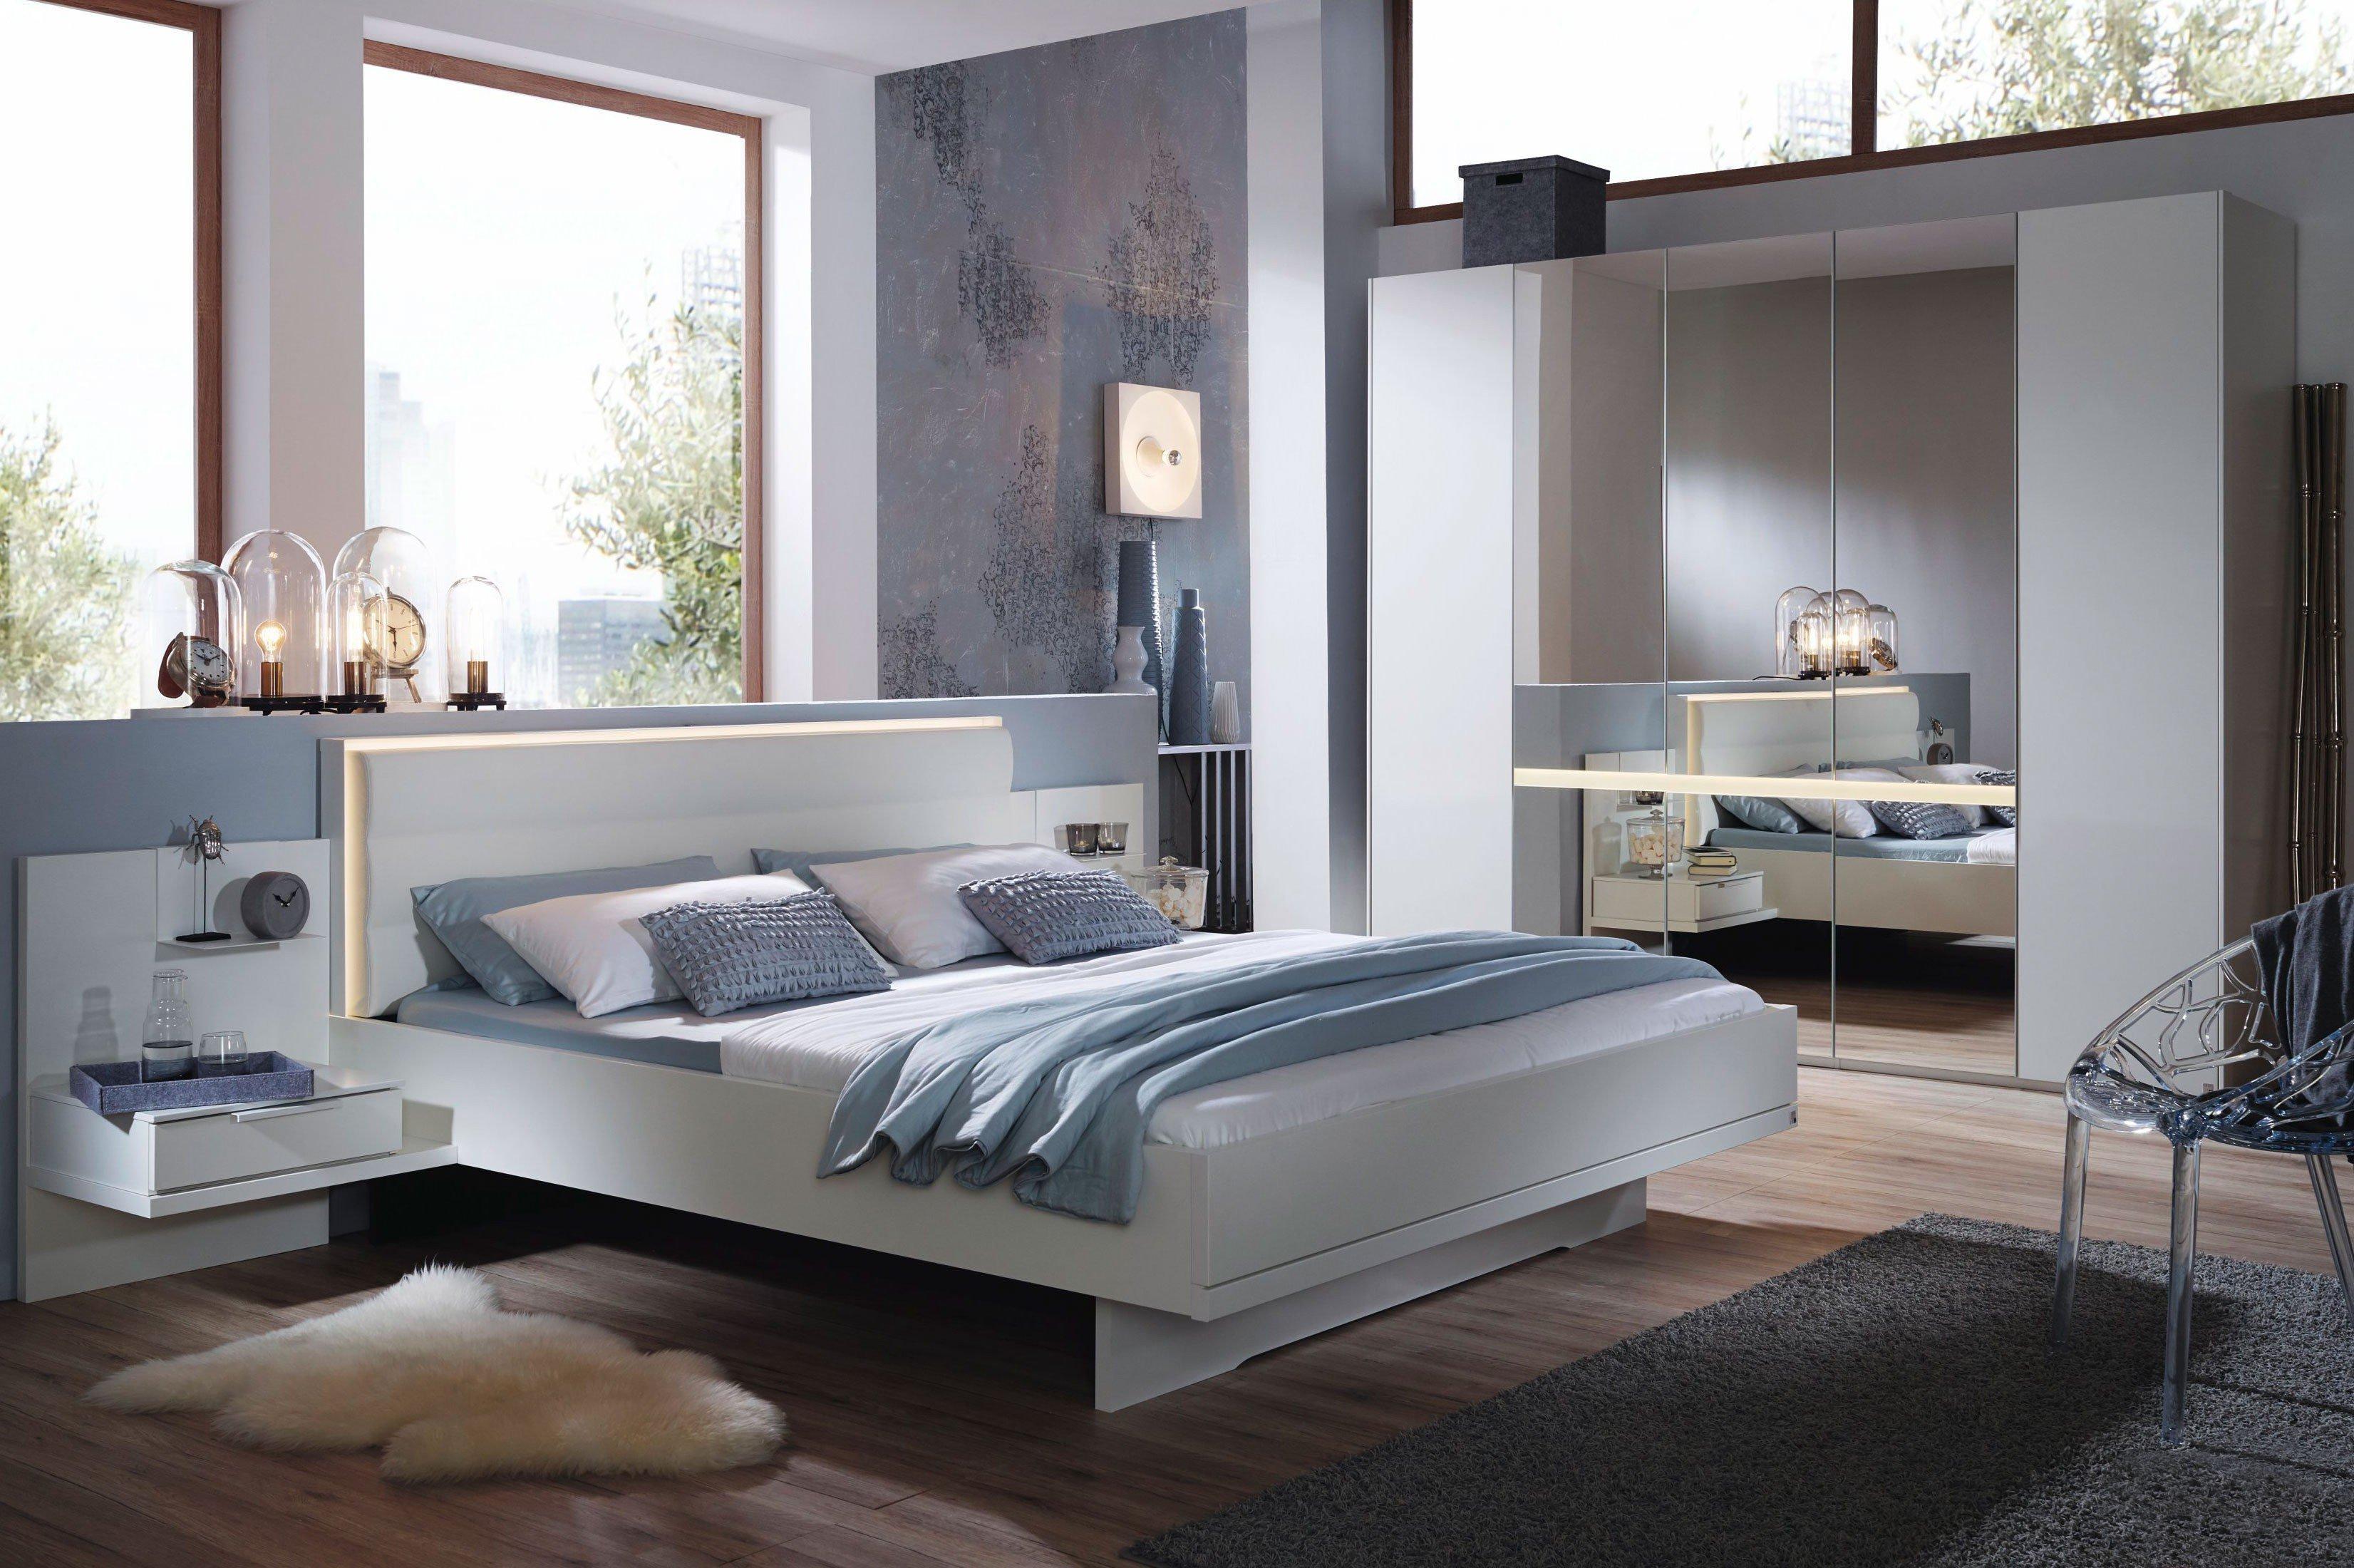 rauch tecoa komplett schlafzimmer wei m bel letz ihr online shop. Black Bedroom Furniture Sets. Home Design Ideas